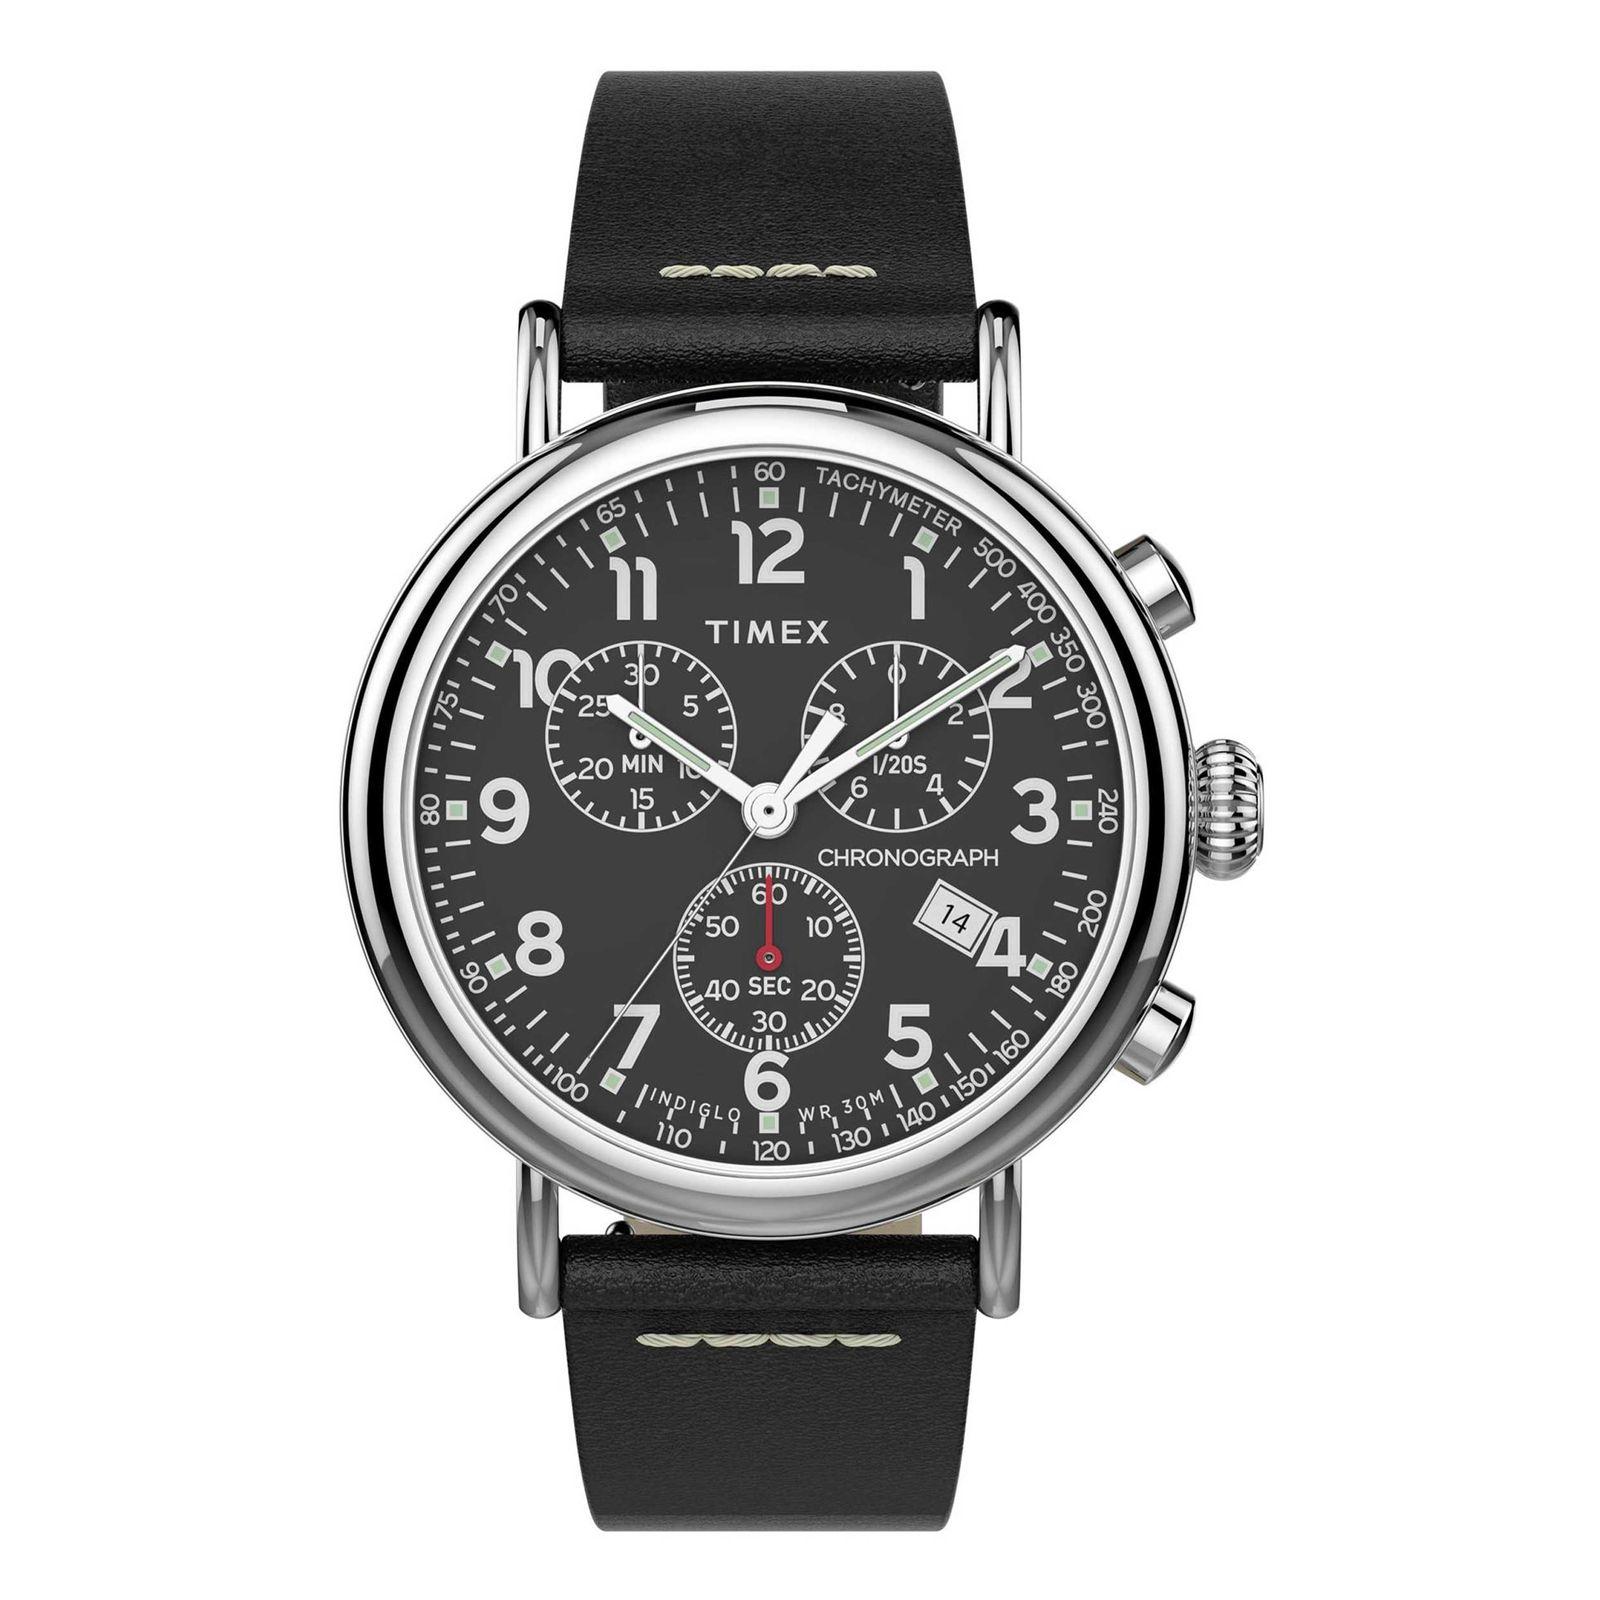 ساعت مچی عقربه ای مردانه تایمکس مدل TW2T69100 -  - 1